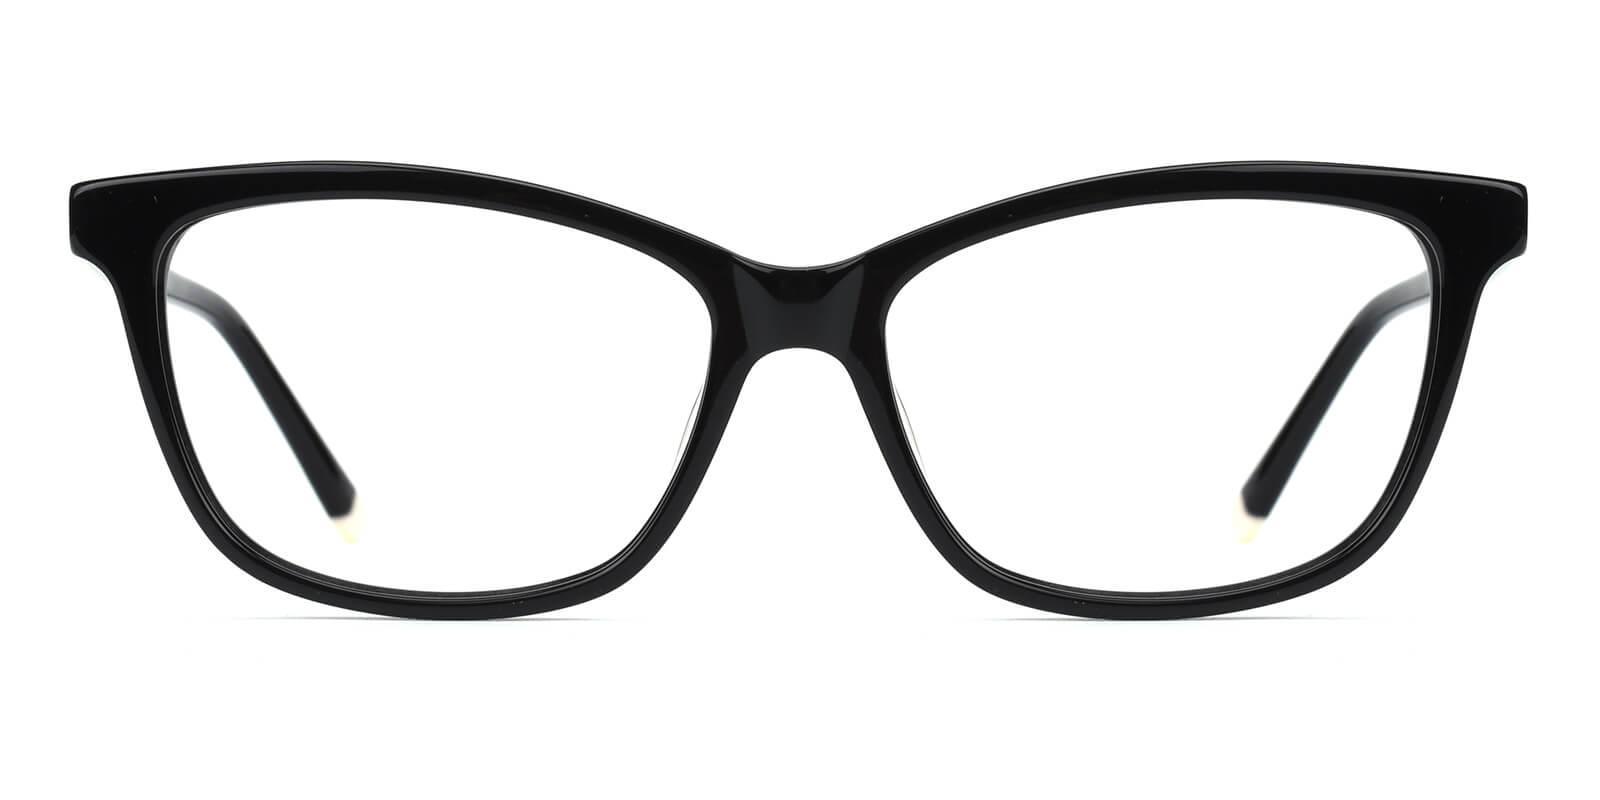 Clowdia-Black-Square / Cat-Acetate-Eyeglasses-additional2